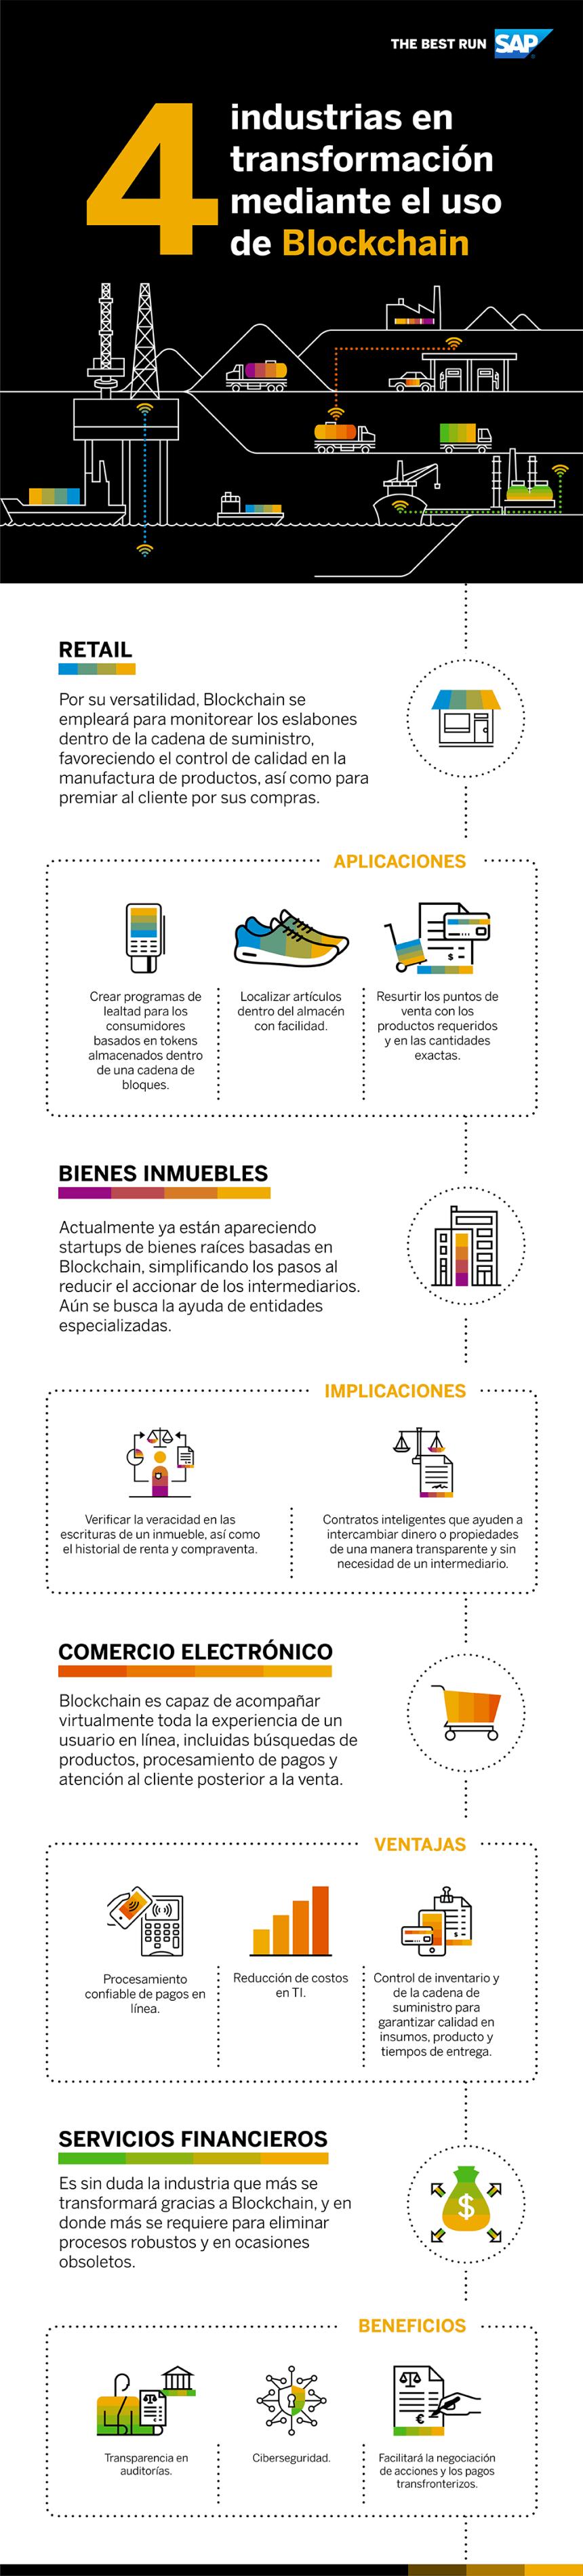 4 sectores en transformación mediante el uso de Blockchain #infografia #tech